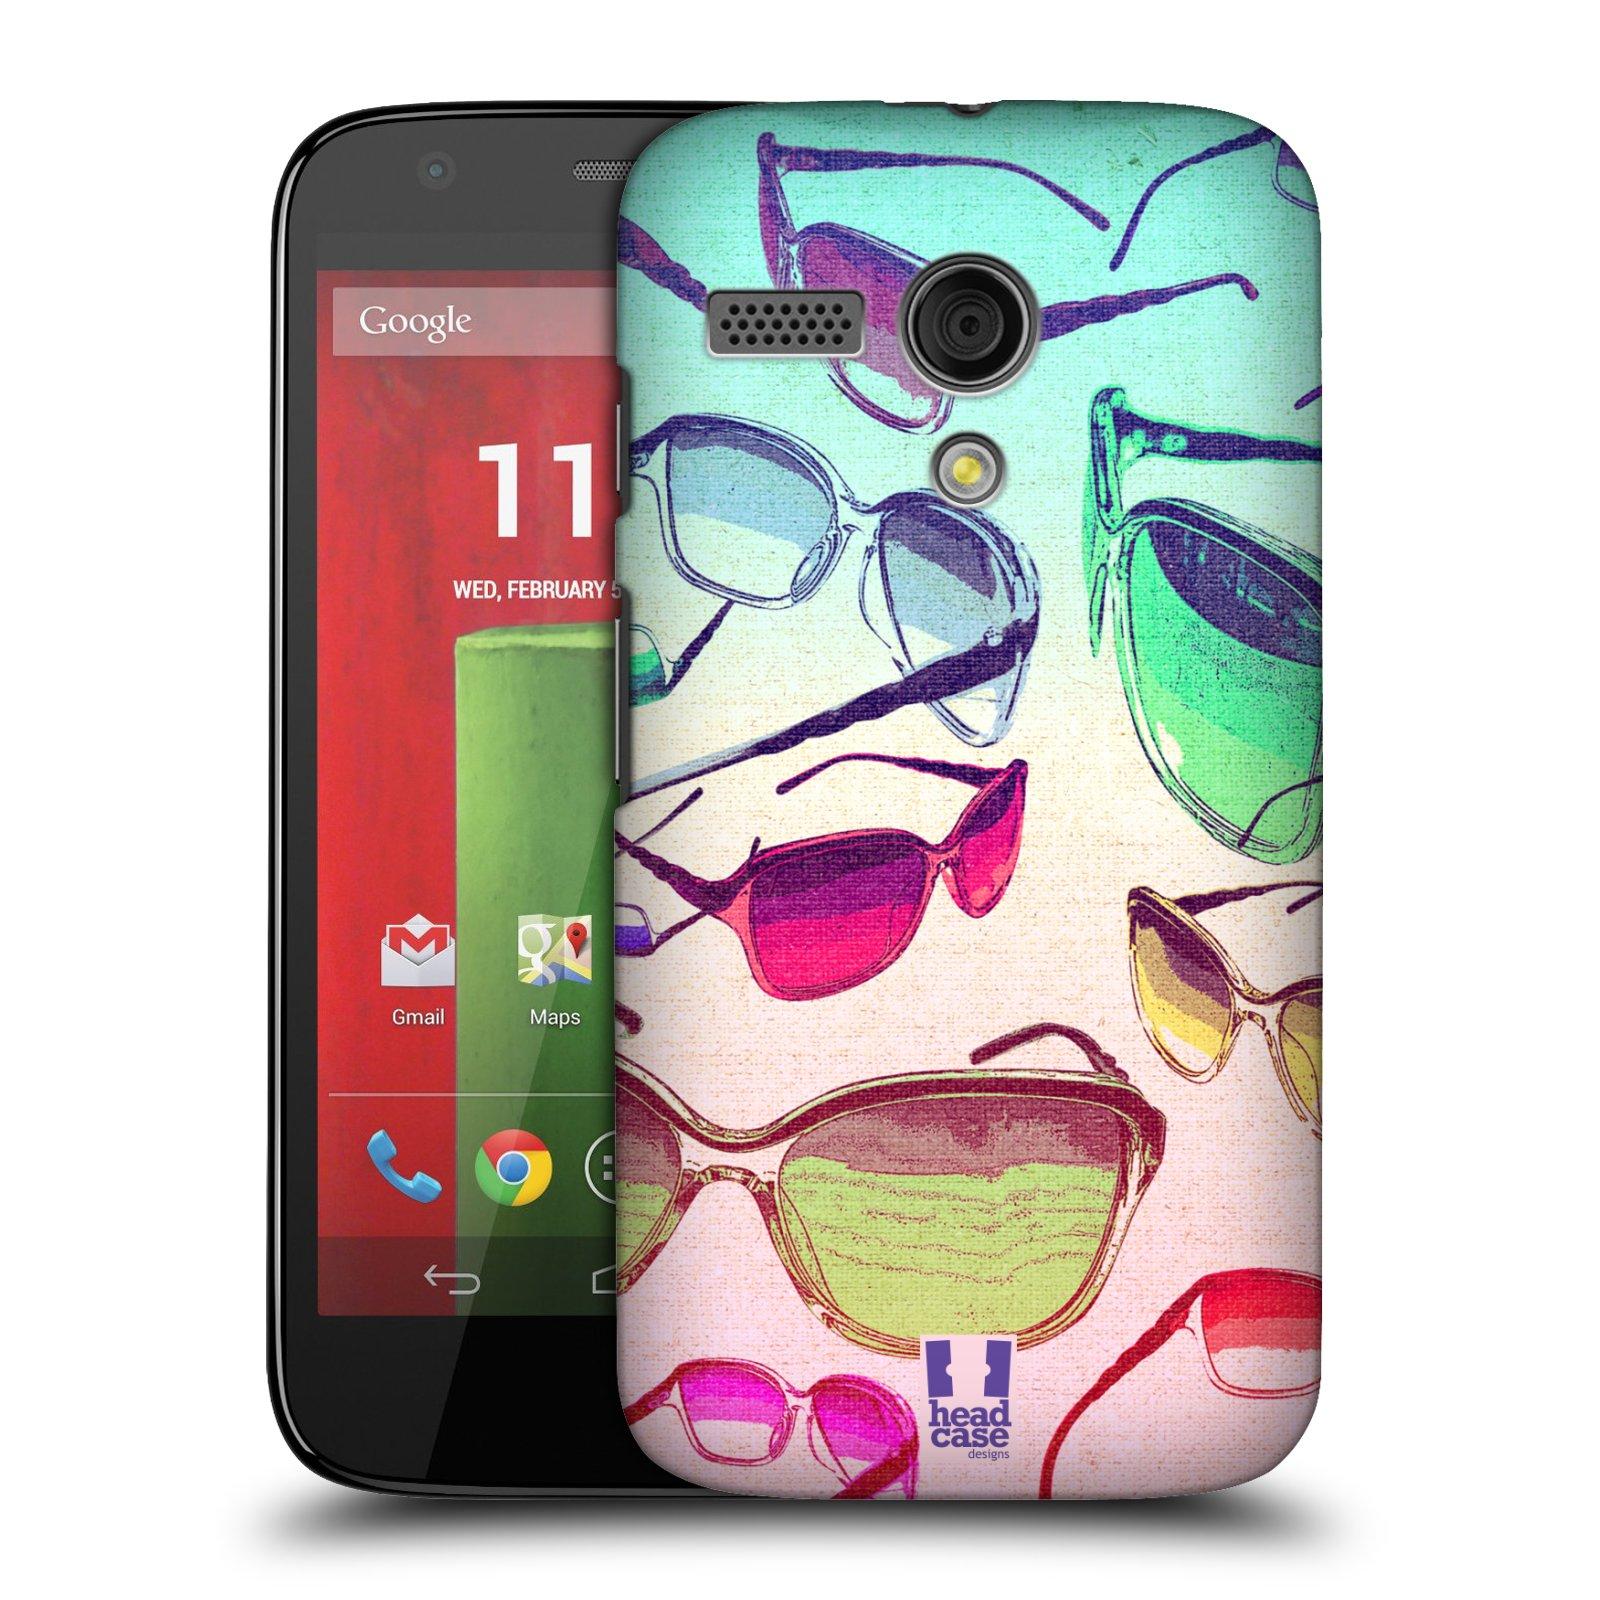 Plastové pouzdro na mobil Motorola Moto G HEAD CASE SLUNEČNÍ BRÝLE (Kryt či obal na mobilní telefon Motorola Moto G)